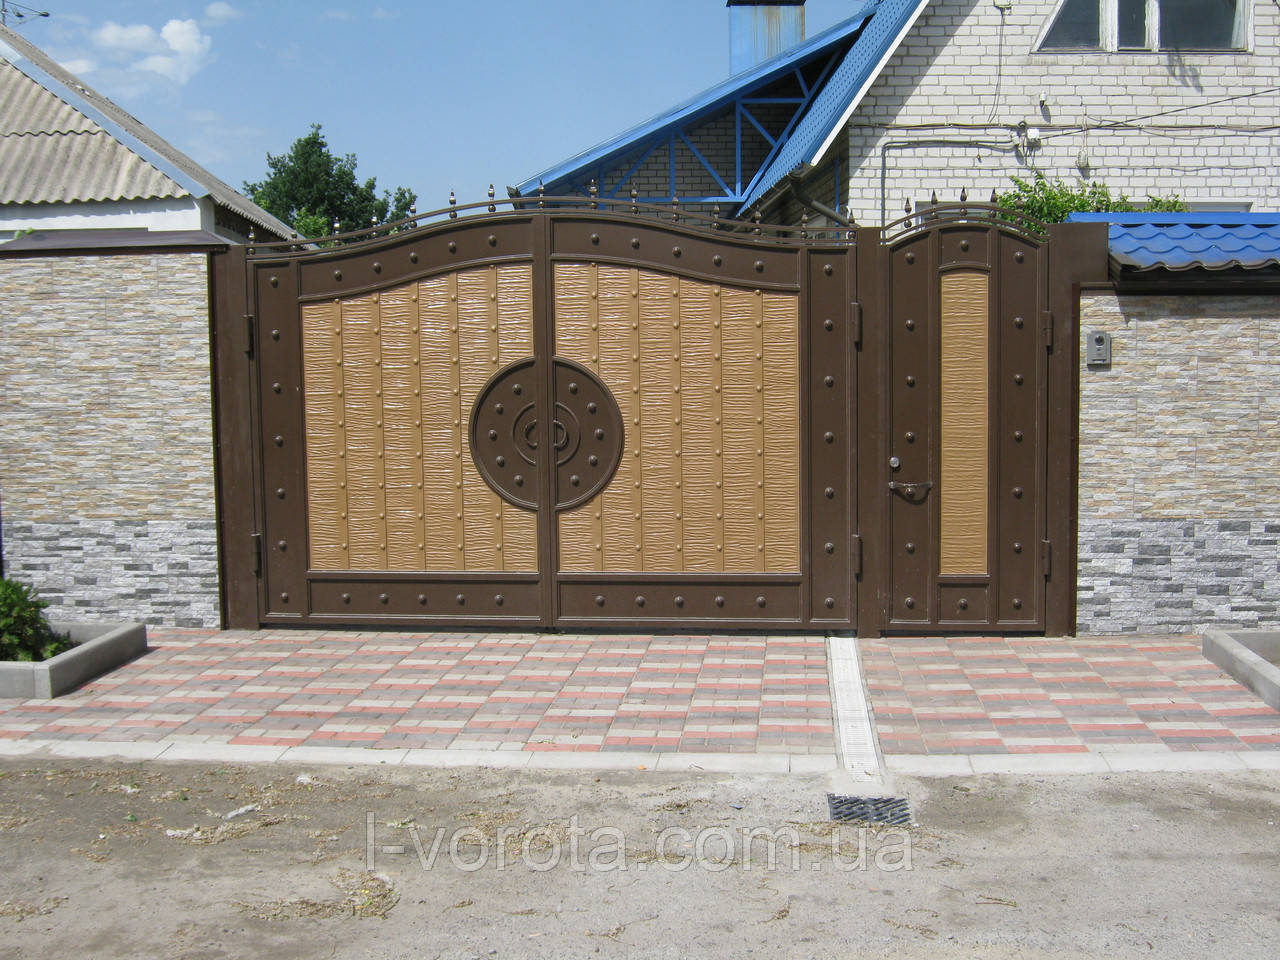 Металлические распашные  ворота с рельефным декором (эффект жатки) 3000, 2000 и калитка 800, 2000